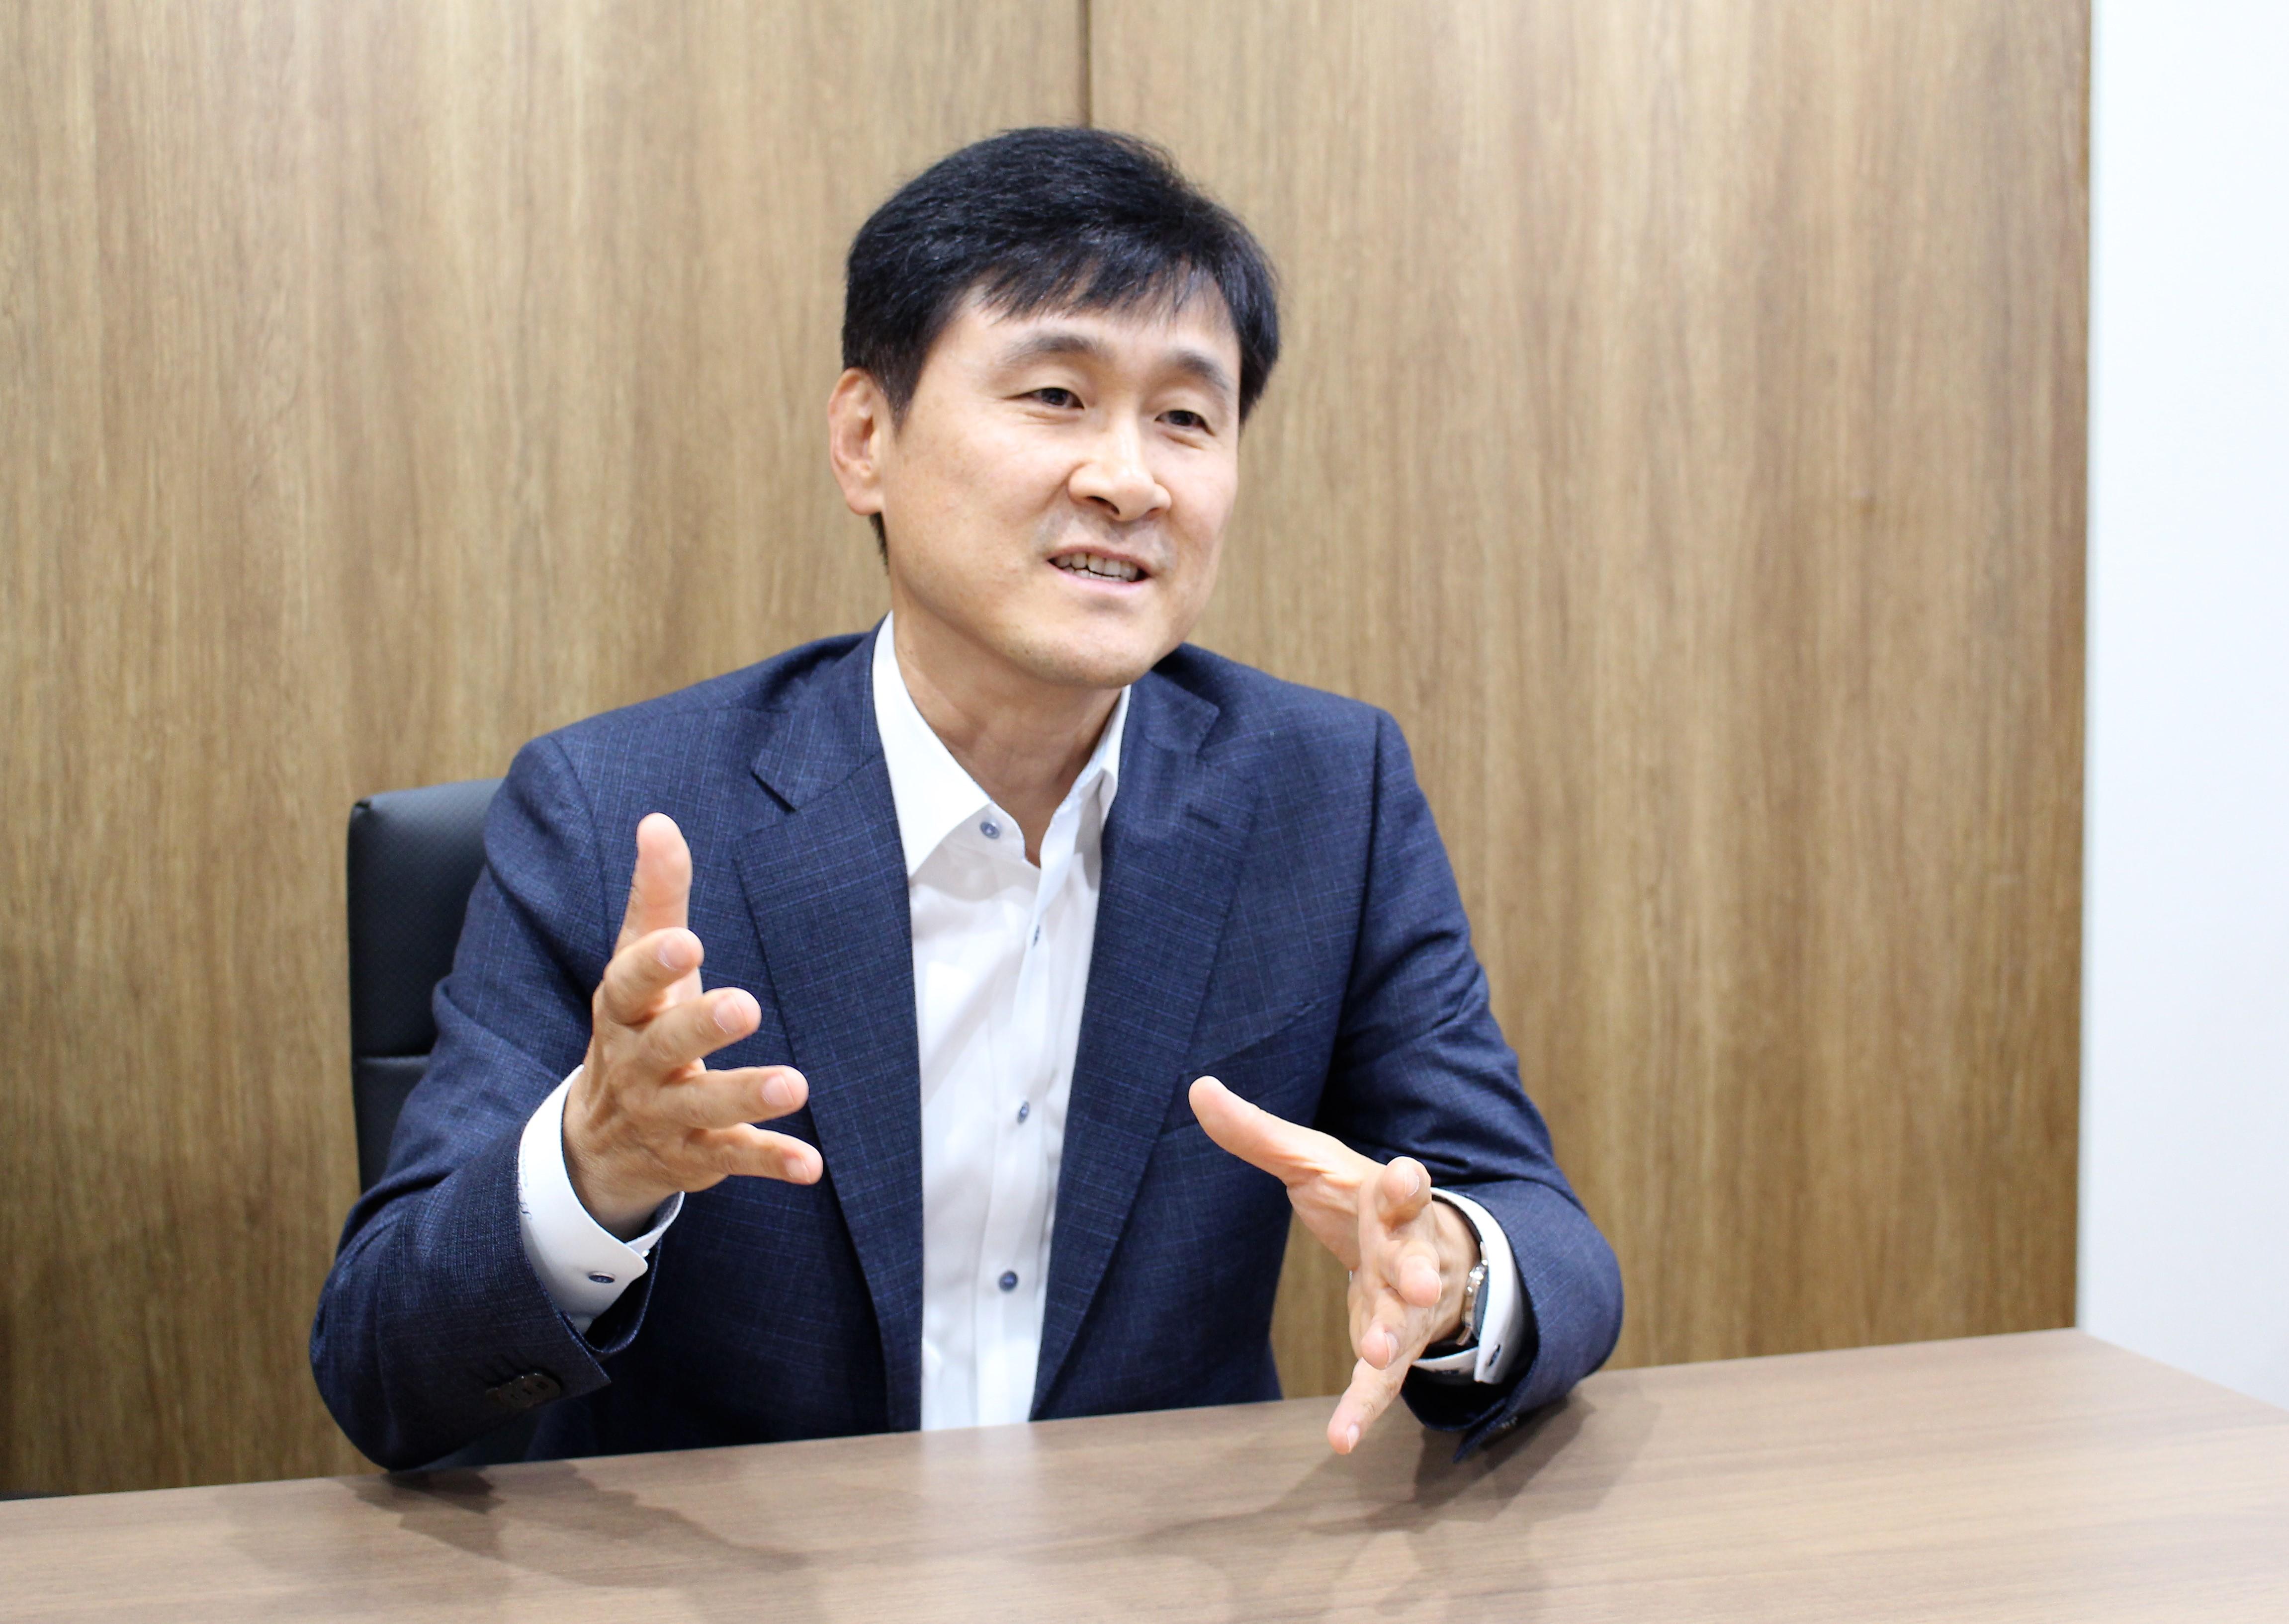 전기신문 업체탐방 - 스마트팩토리 최전선에서 대중화 노력 지속